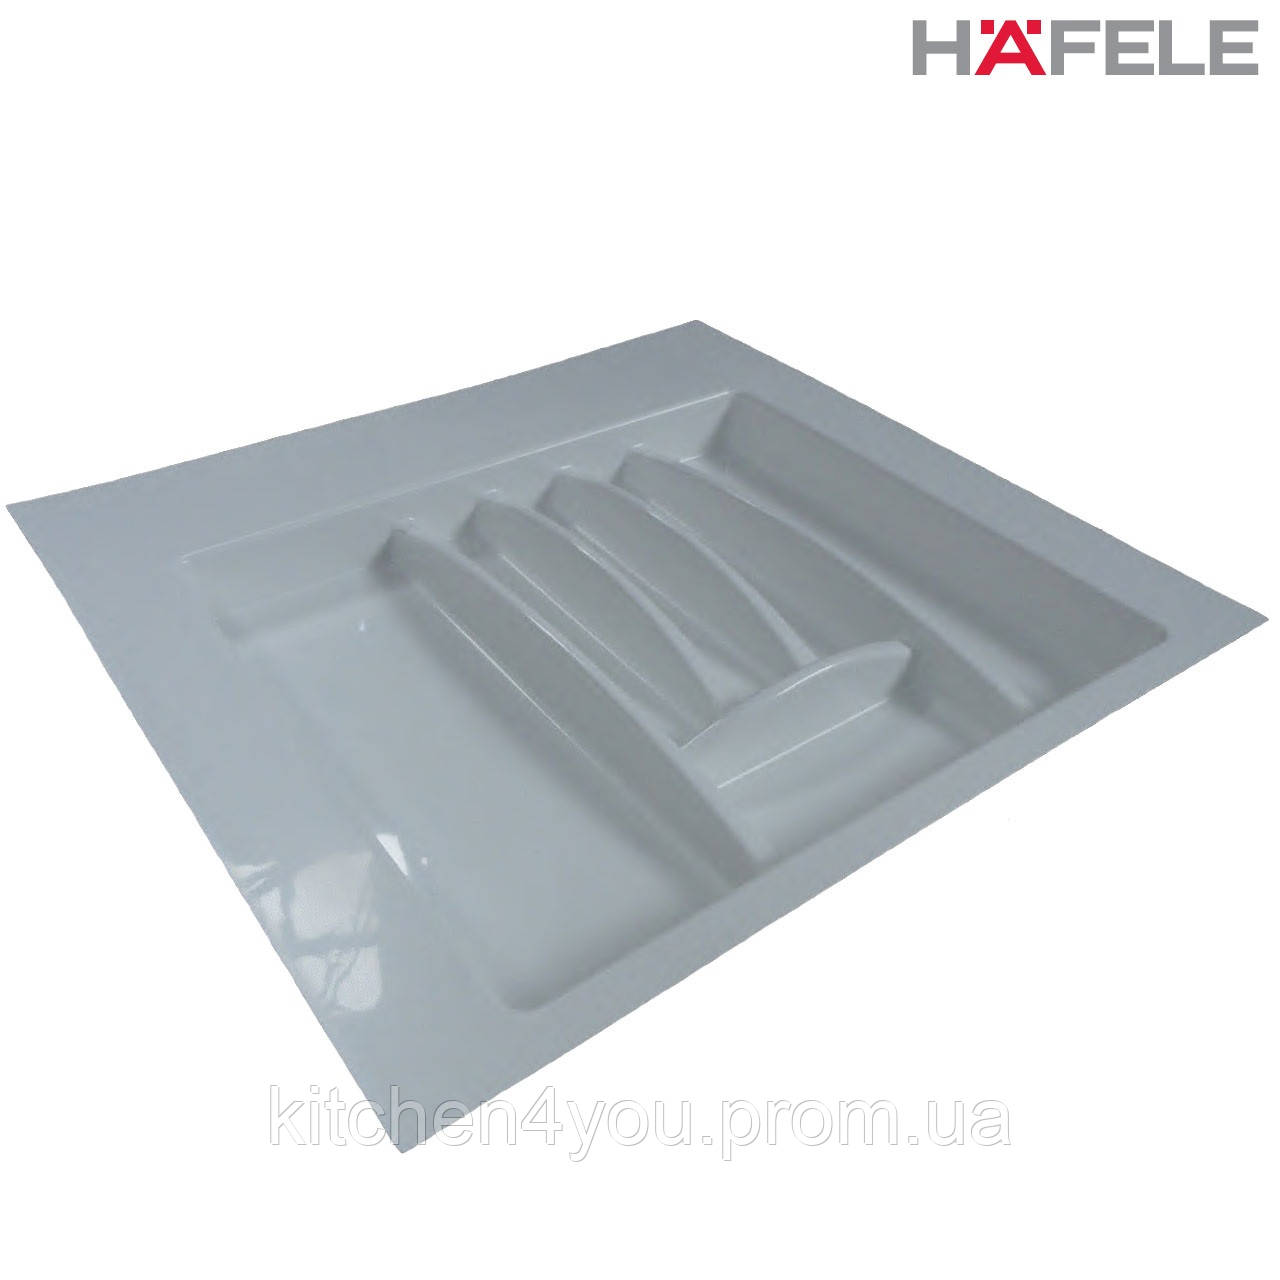 Лоток для столовых приборов белый Hafele (Германия) в ящик 600 мм. 553х498 мм.